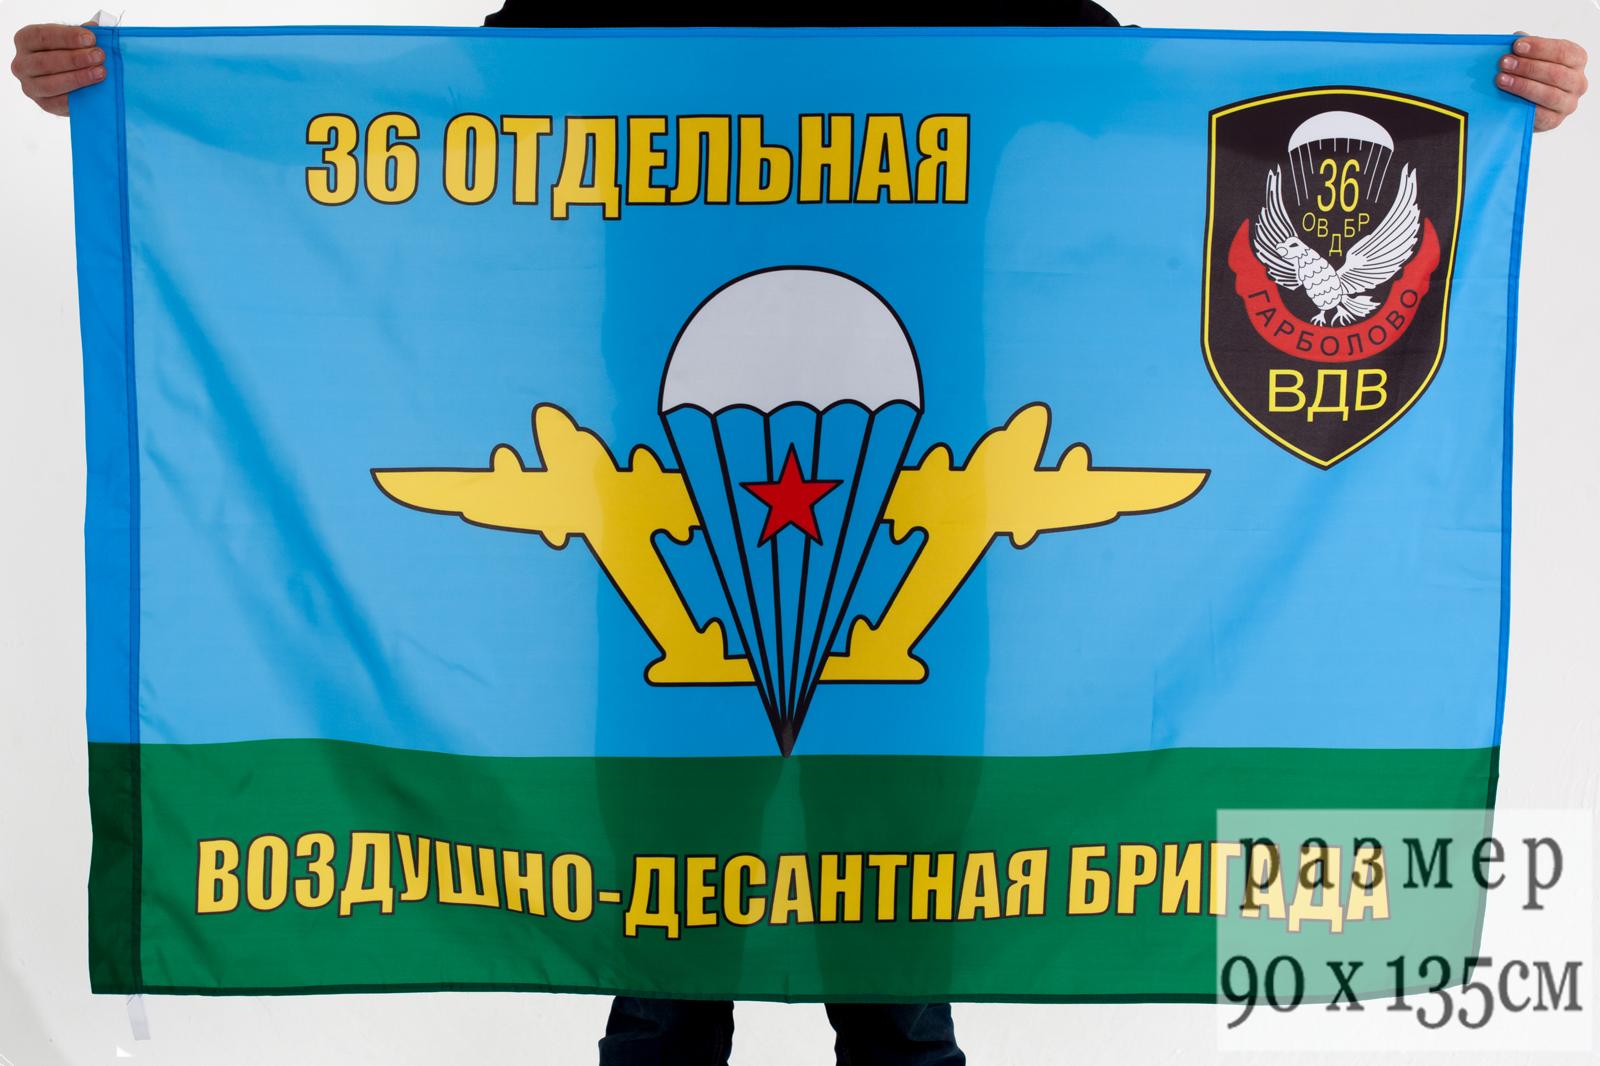 Флаг ВДВ 36 ОВДБр